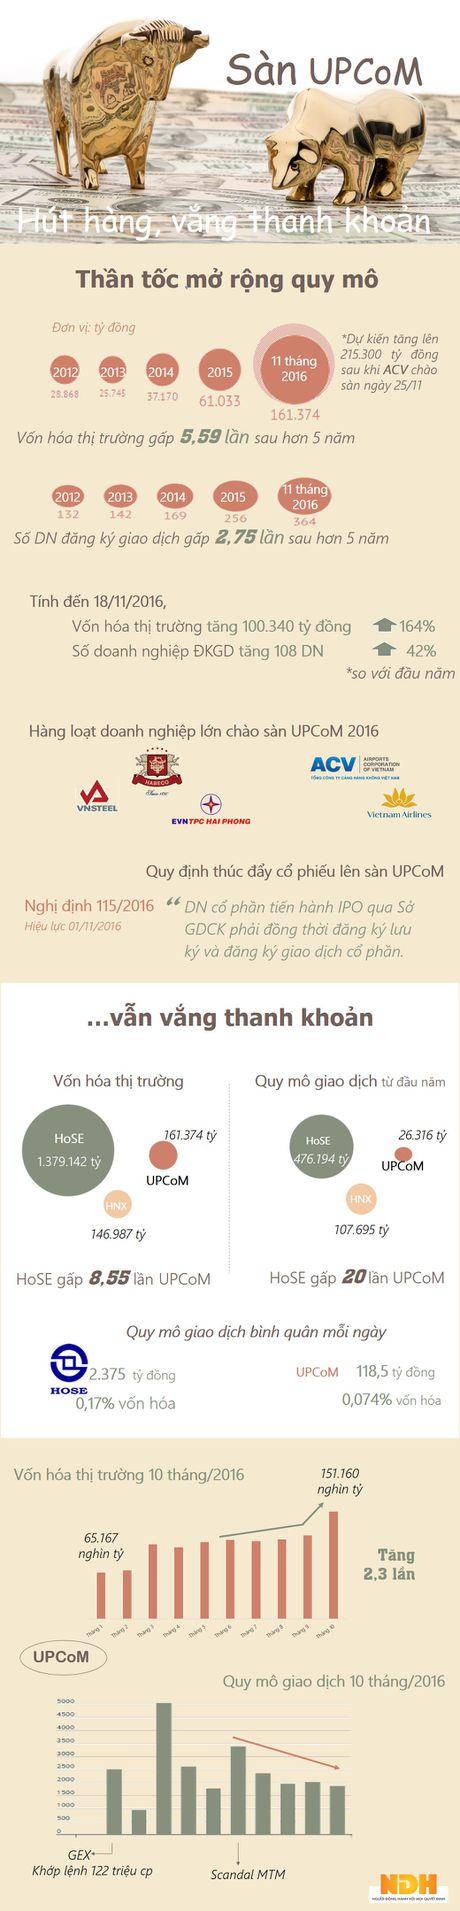 San UPCoM: Cho lon vang nguoi - Anh 1